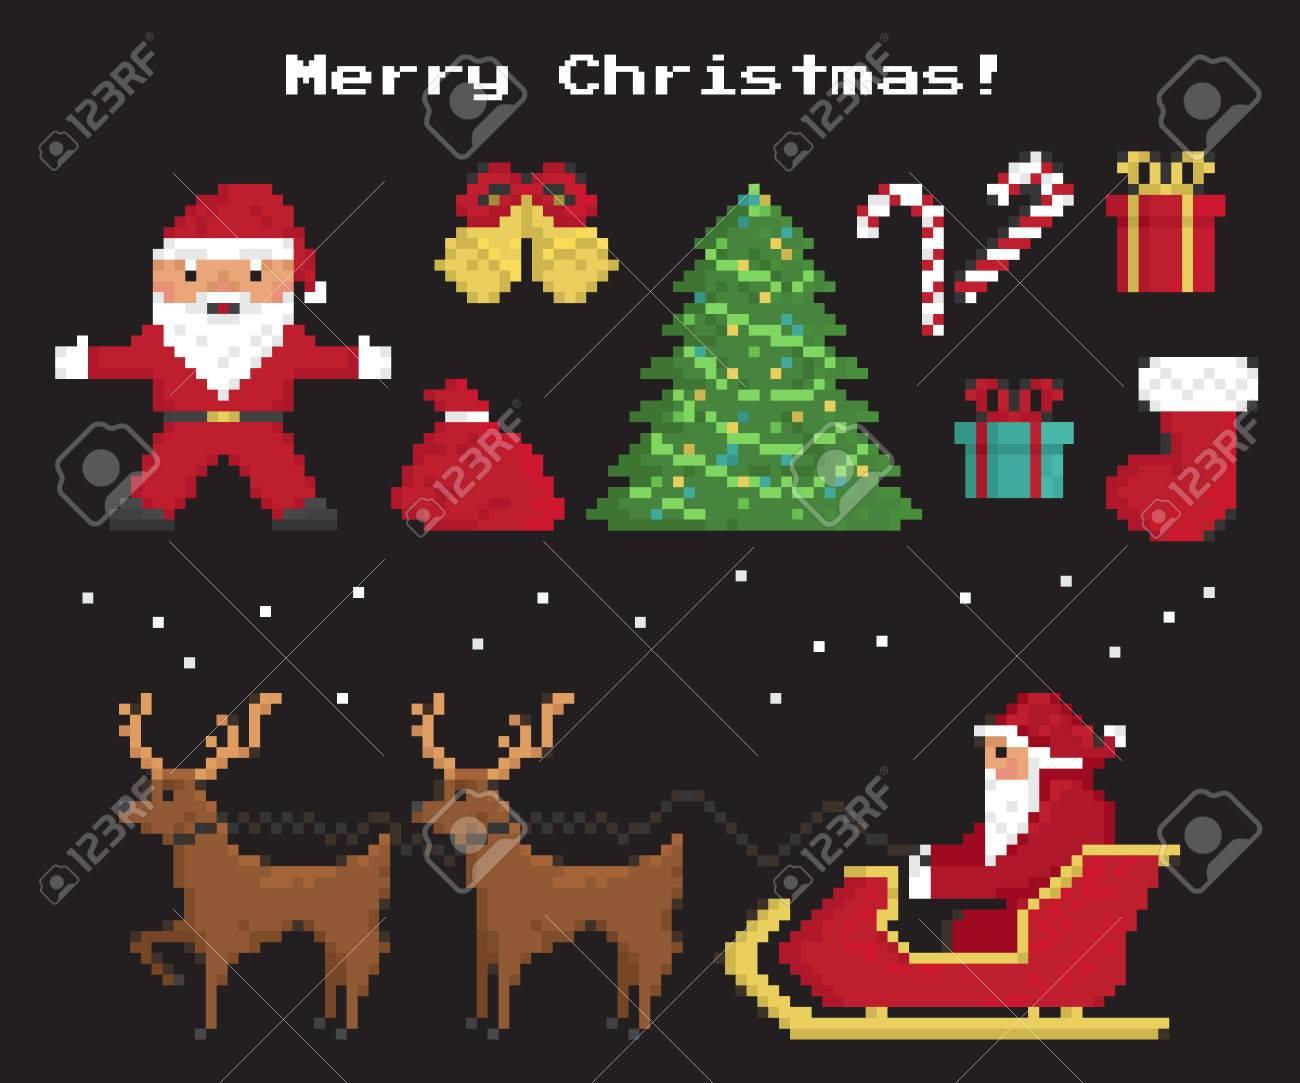 Pixel Symboles De Noël Mis Du Père Noël Arbre De Noël Chaussette Rouge Avec Des Cadeaux Et Des Bonbons Deux Rennes 8 Bits Avec Santas Traîneau